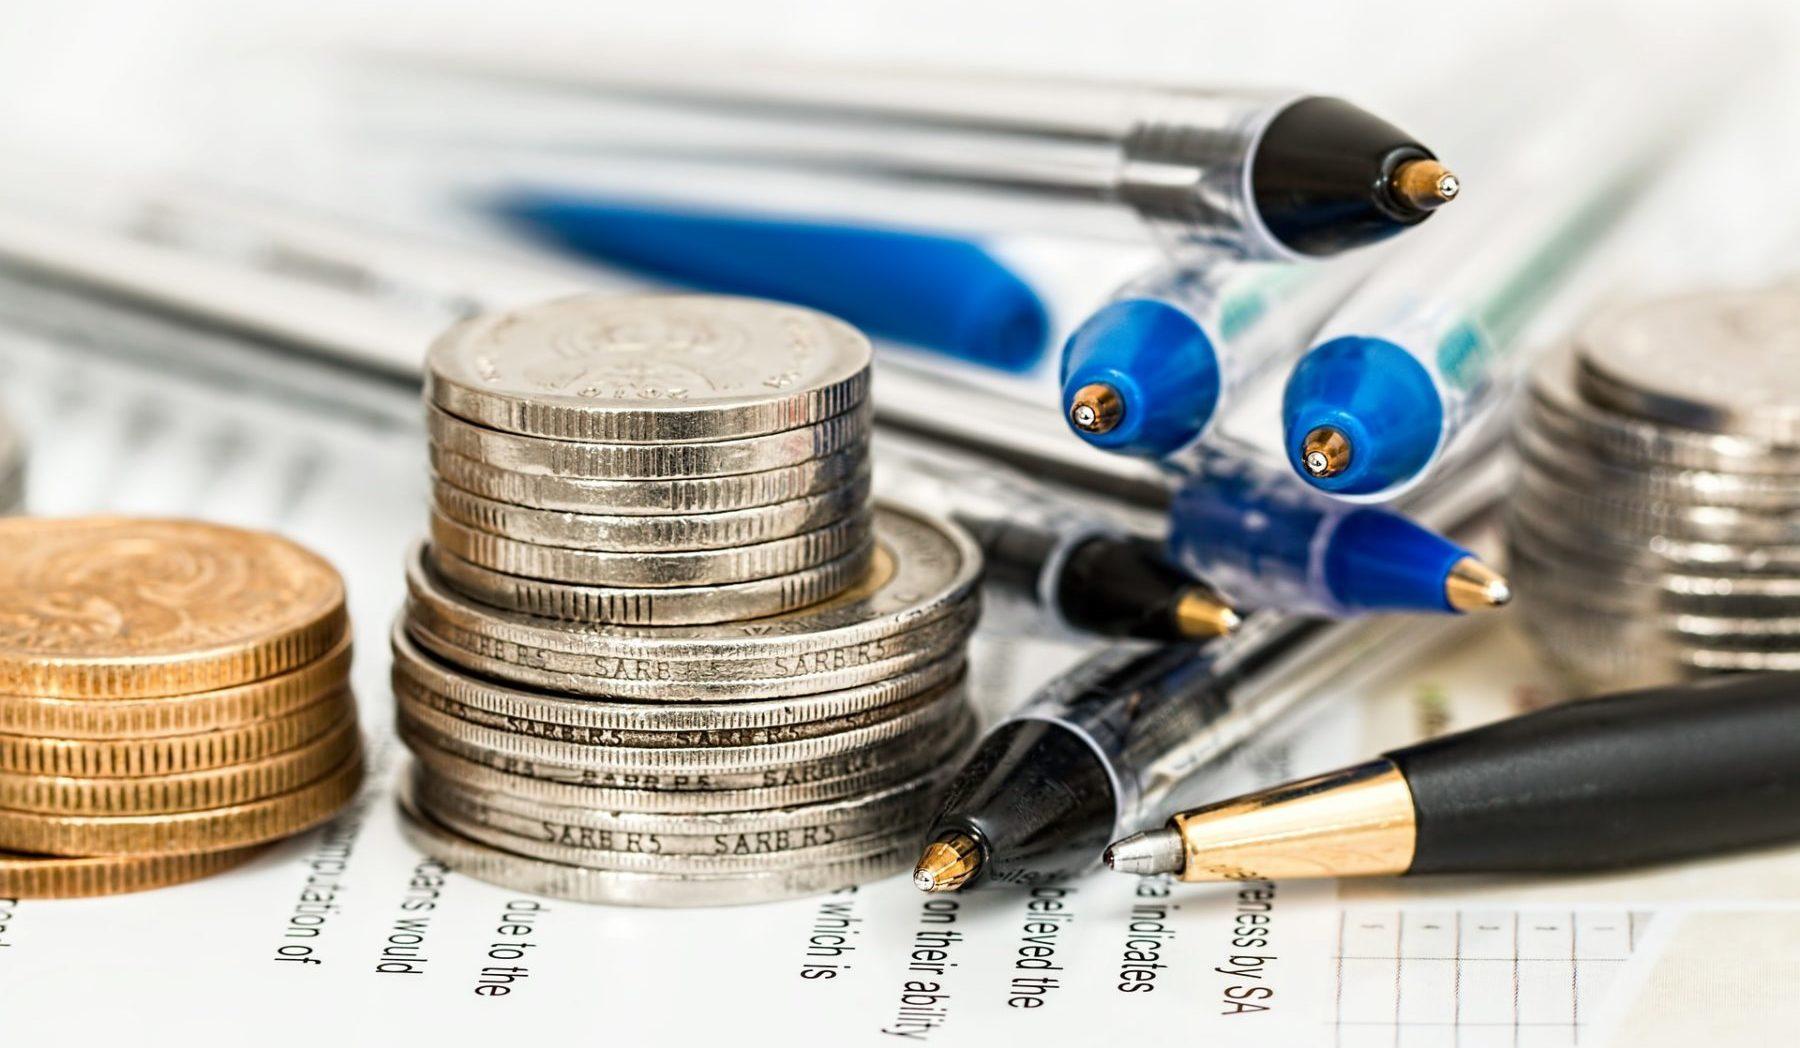 Geld und Stifte auf einem Tisch